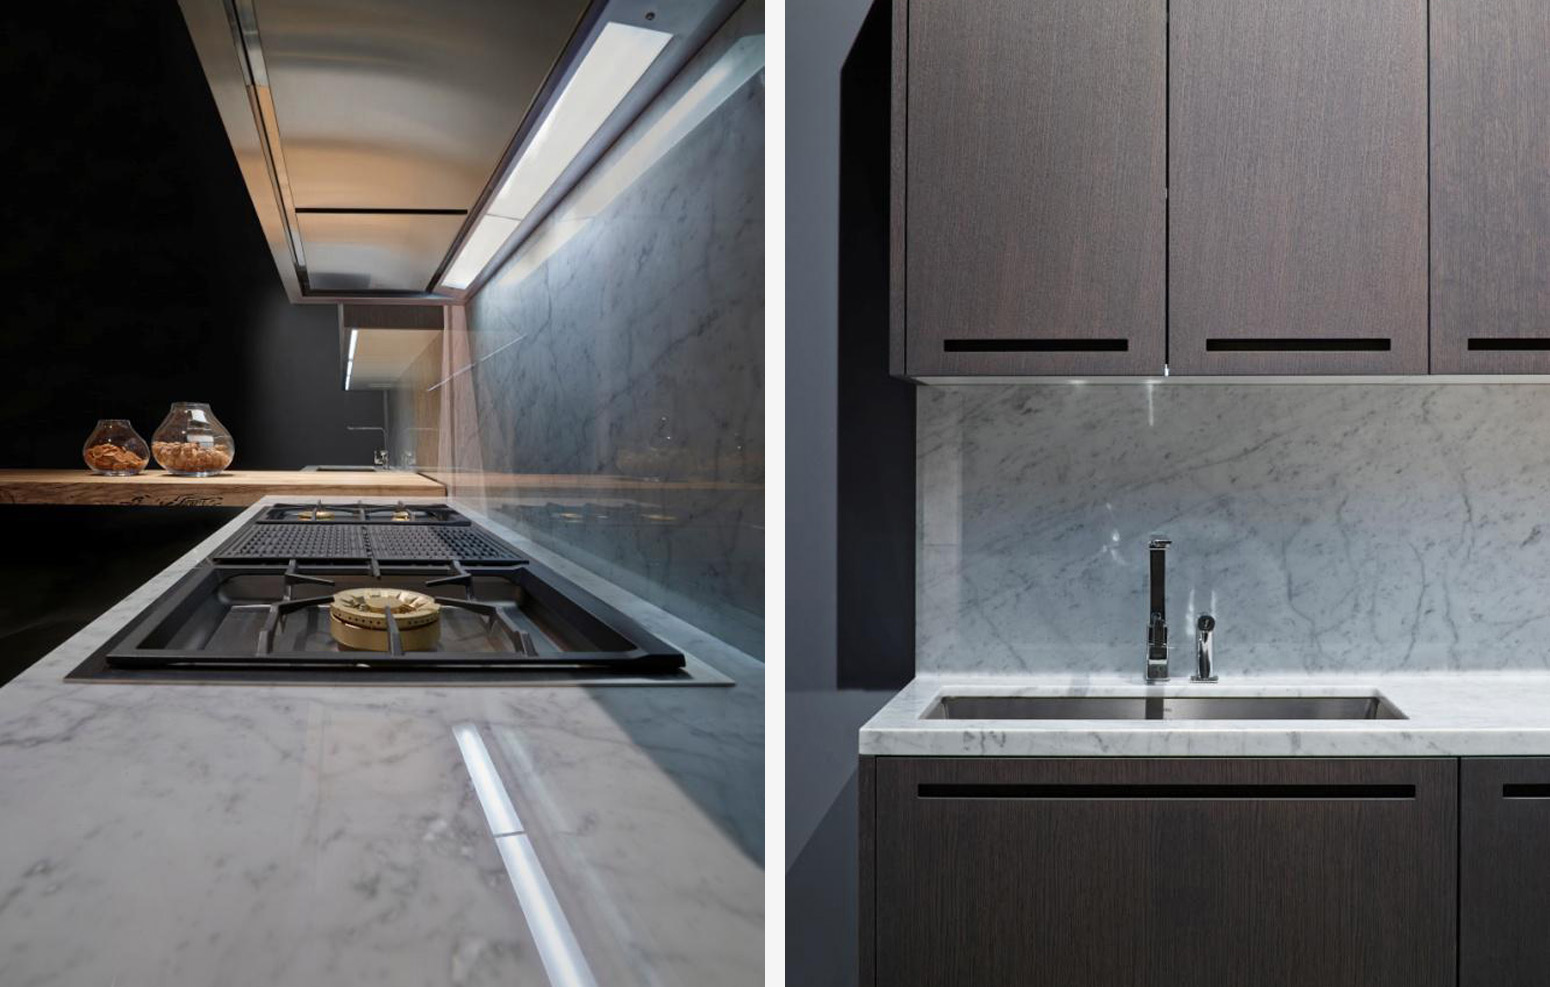 die küchenverkleidung: welche wählen   design bath & kitchen blog